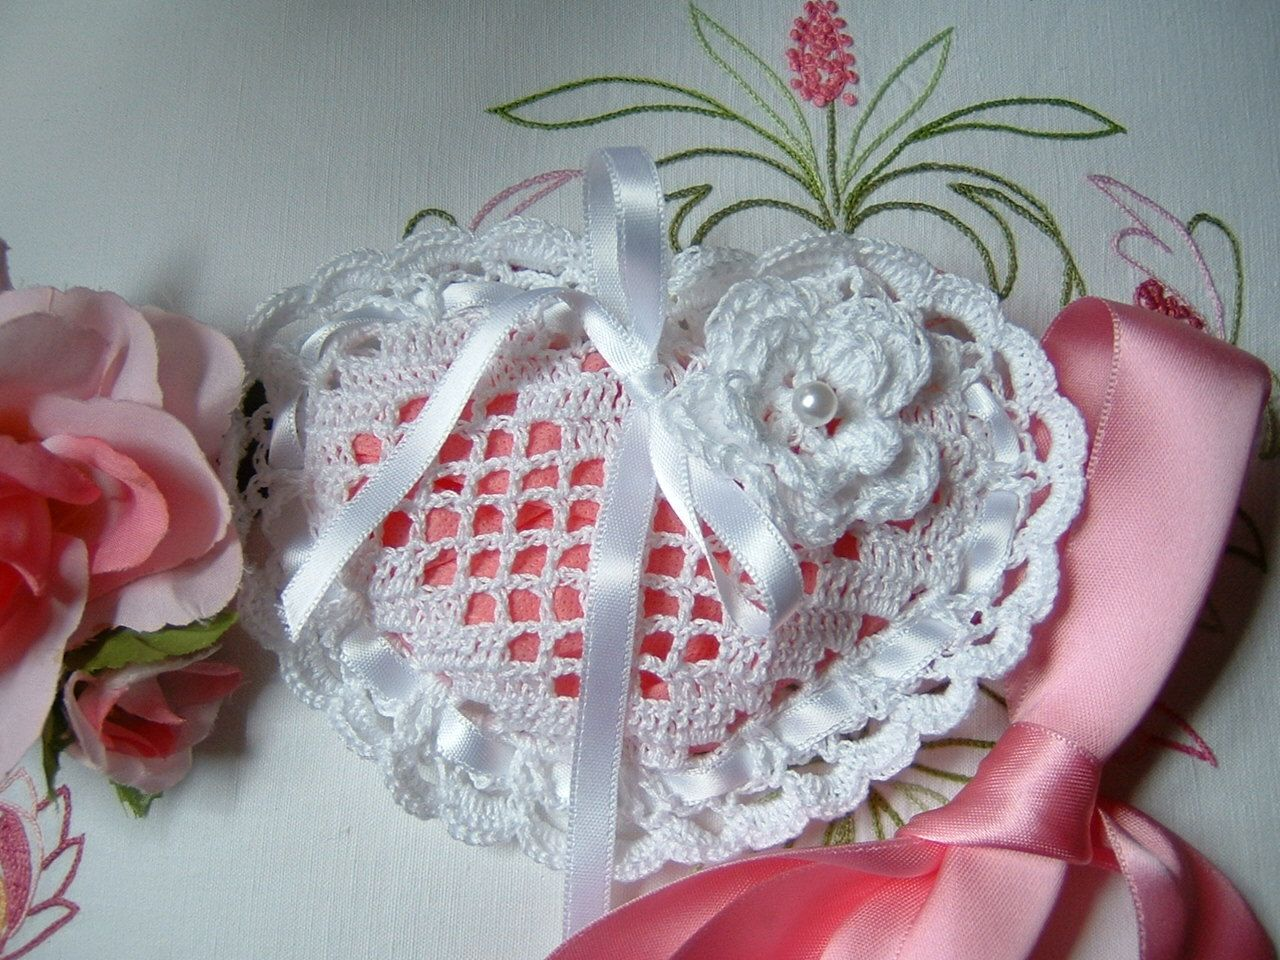 Sacchetto Bomboniera All 39 Uncinetto Bomboniera In Cotone Bianco A Forma Di Cuore Matrimonio I Crochet Wedding Favours Crochet Wedding Gift Crochet Wedding